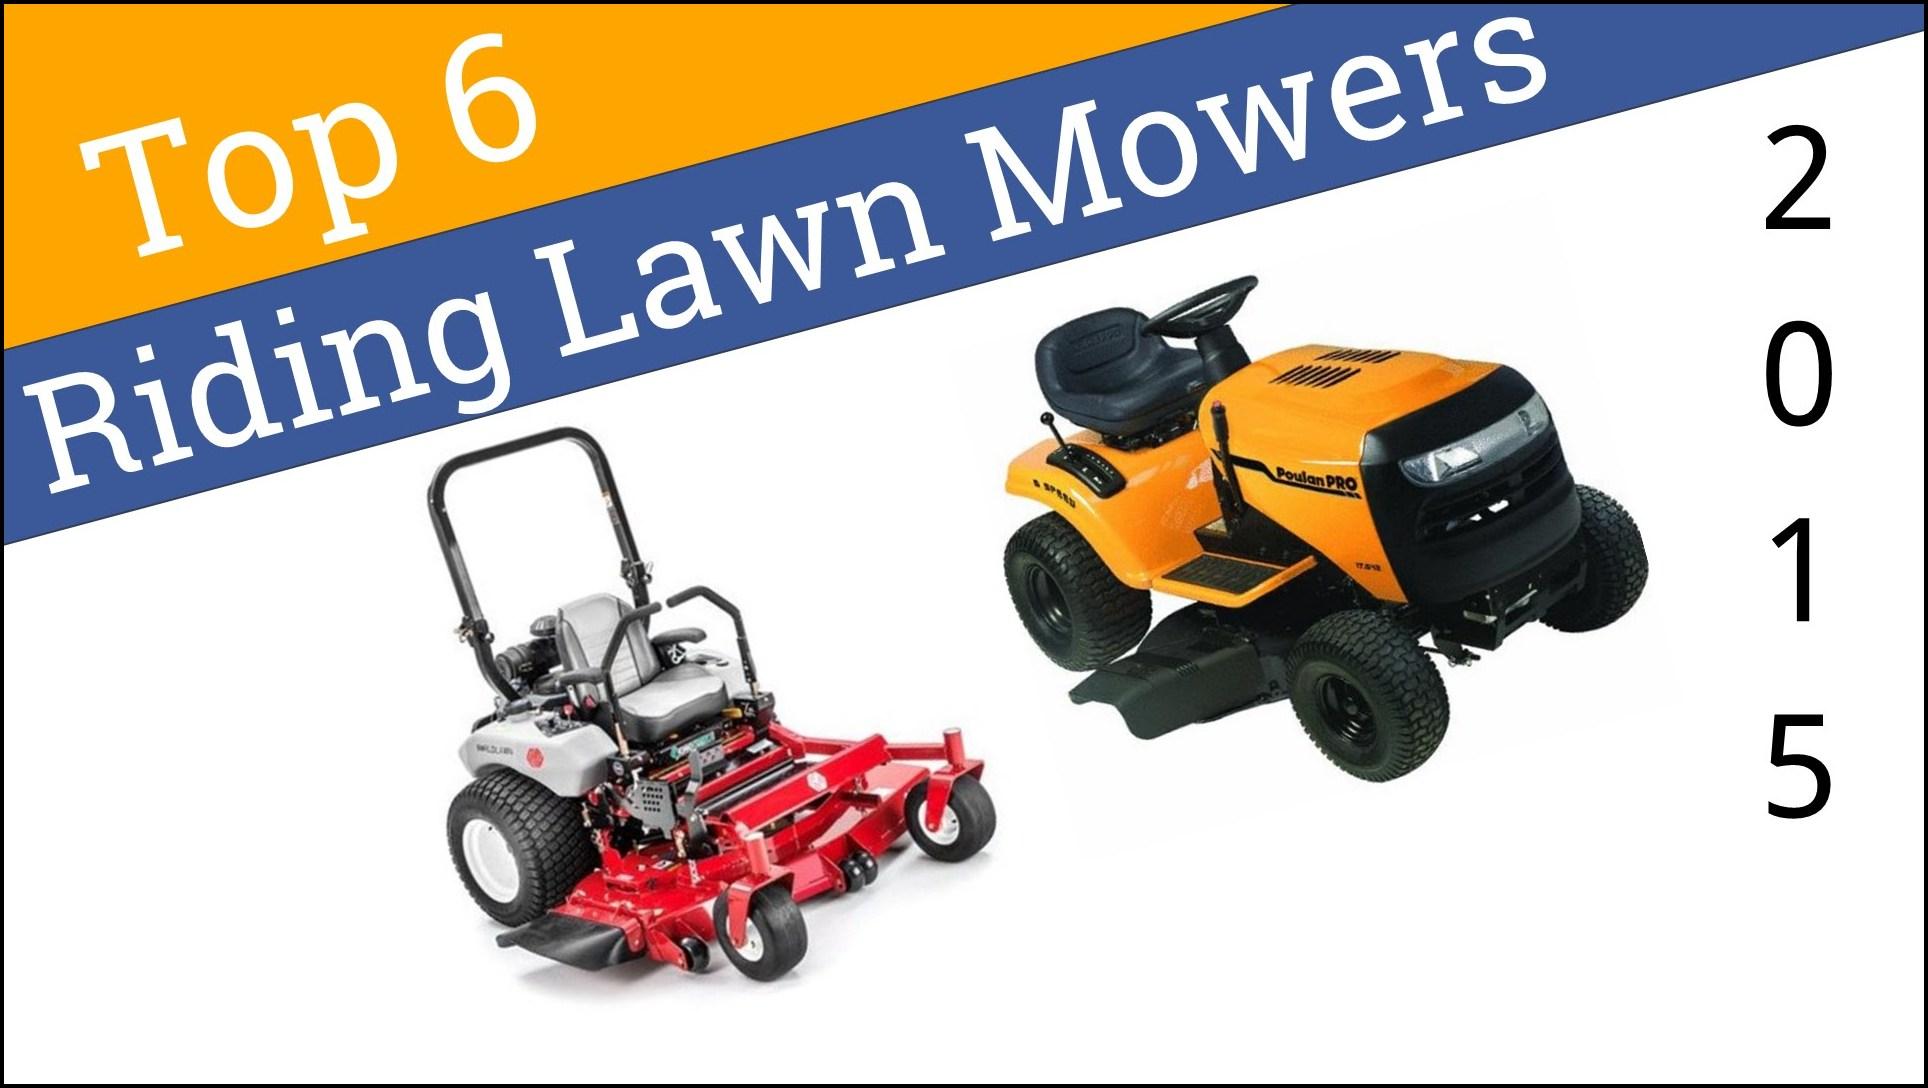 Best Lawn Mower 2015